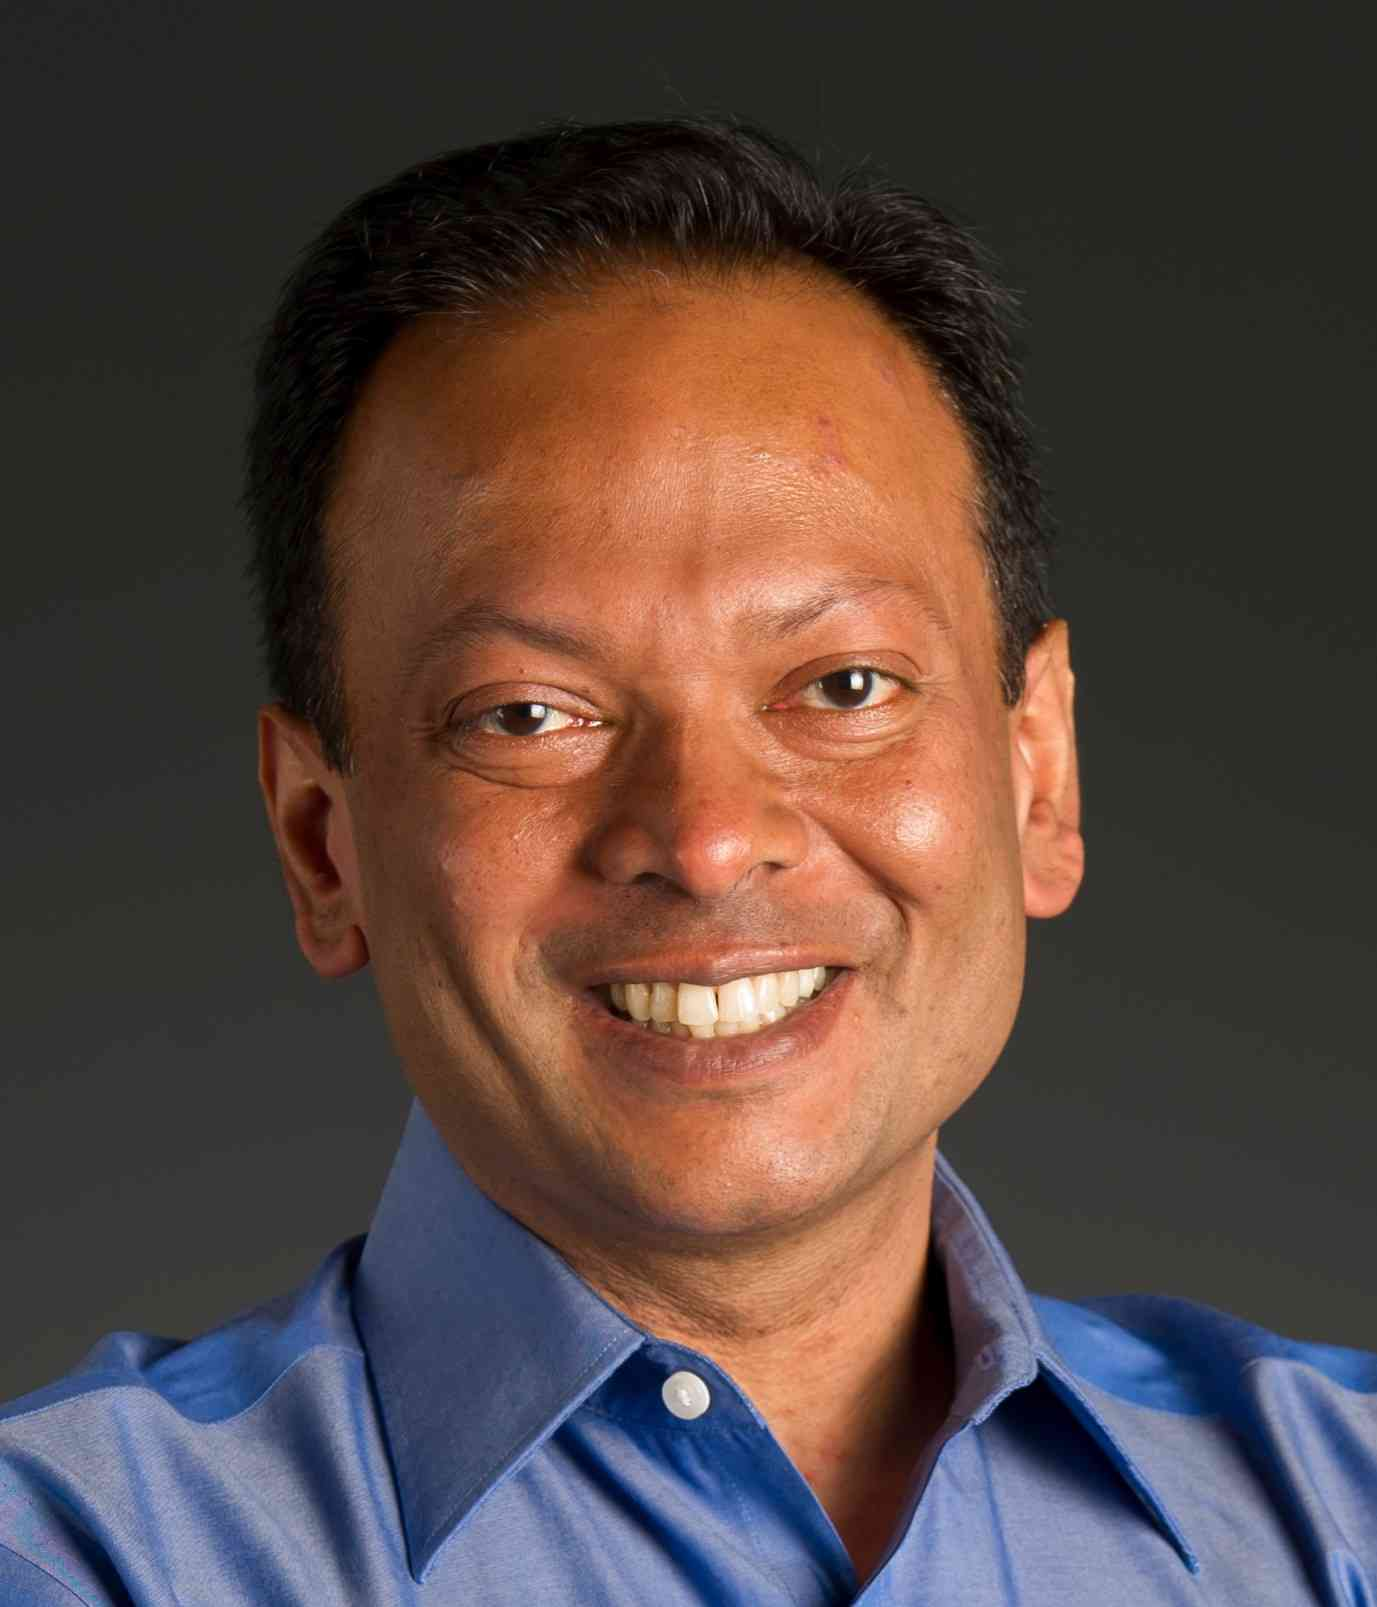 Sanjiv Jain